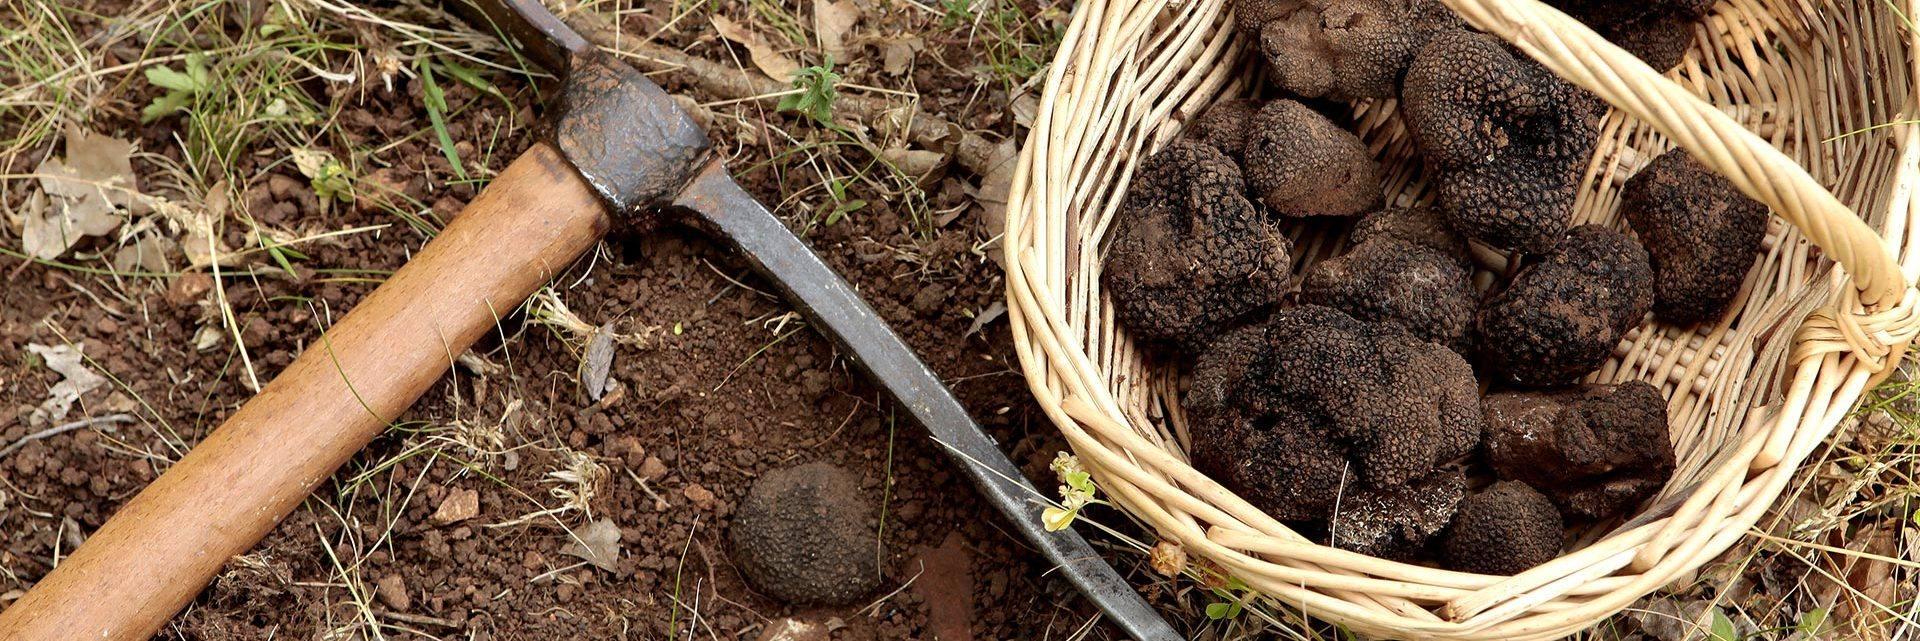 Var truffles